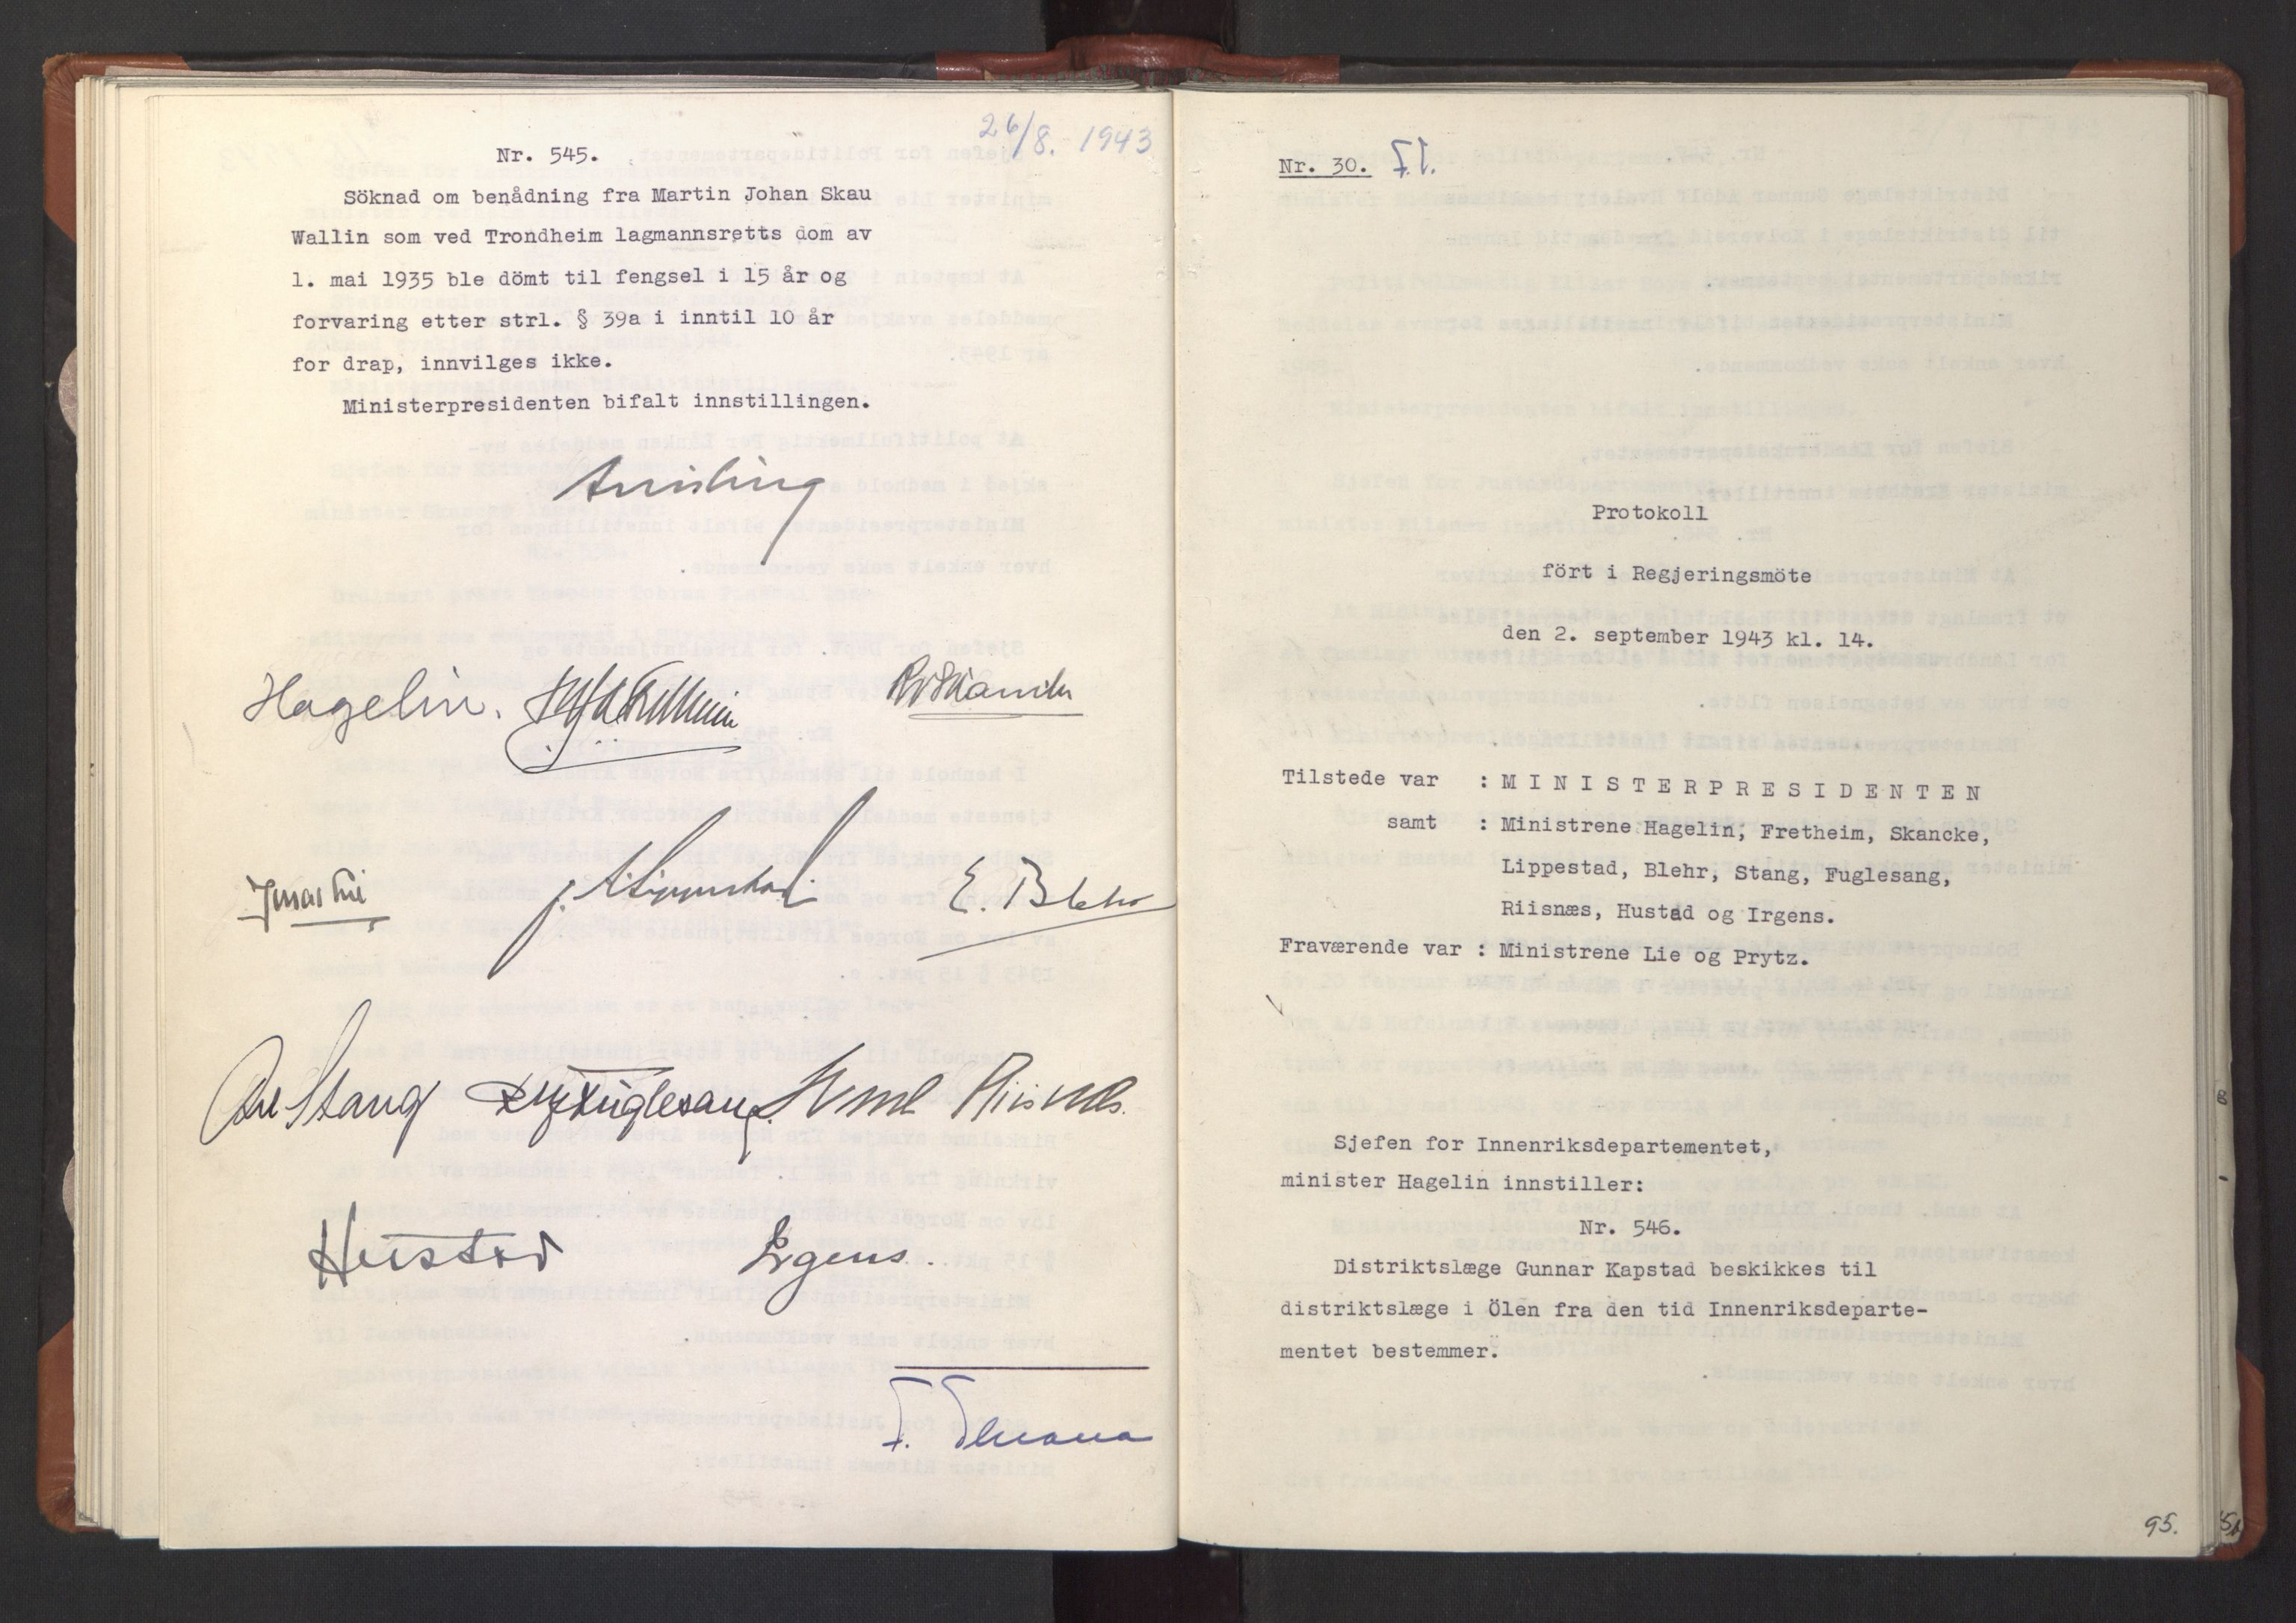 RA, NS-administrasjonen 1940-1945 (Statsrådsekretariatet, de kommisariske statsråder mm), D/Da/L0003: Vedtak (Beslutninger) nr. 1-746 og tillegg nr. 1-47 (RA. j.nr. 1394/1944, tilgangsnr. 8/1944, 1943, s. 94b-95a